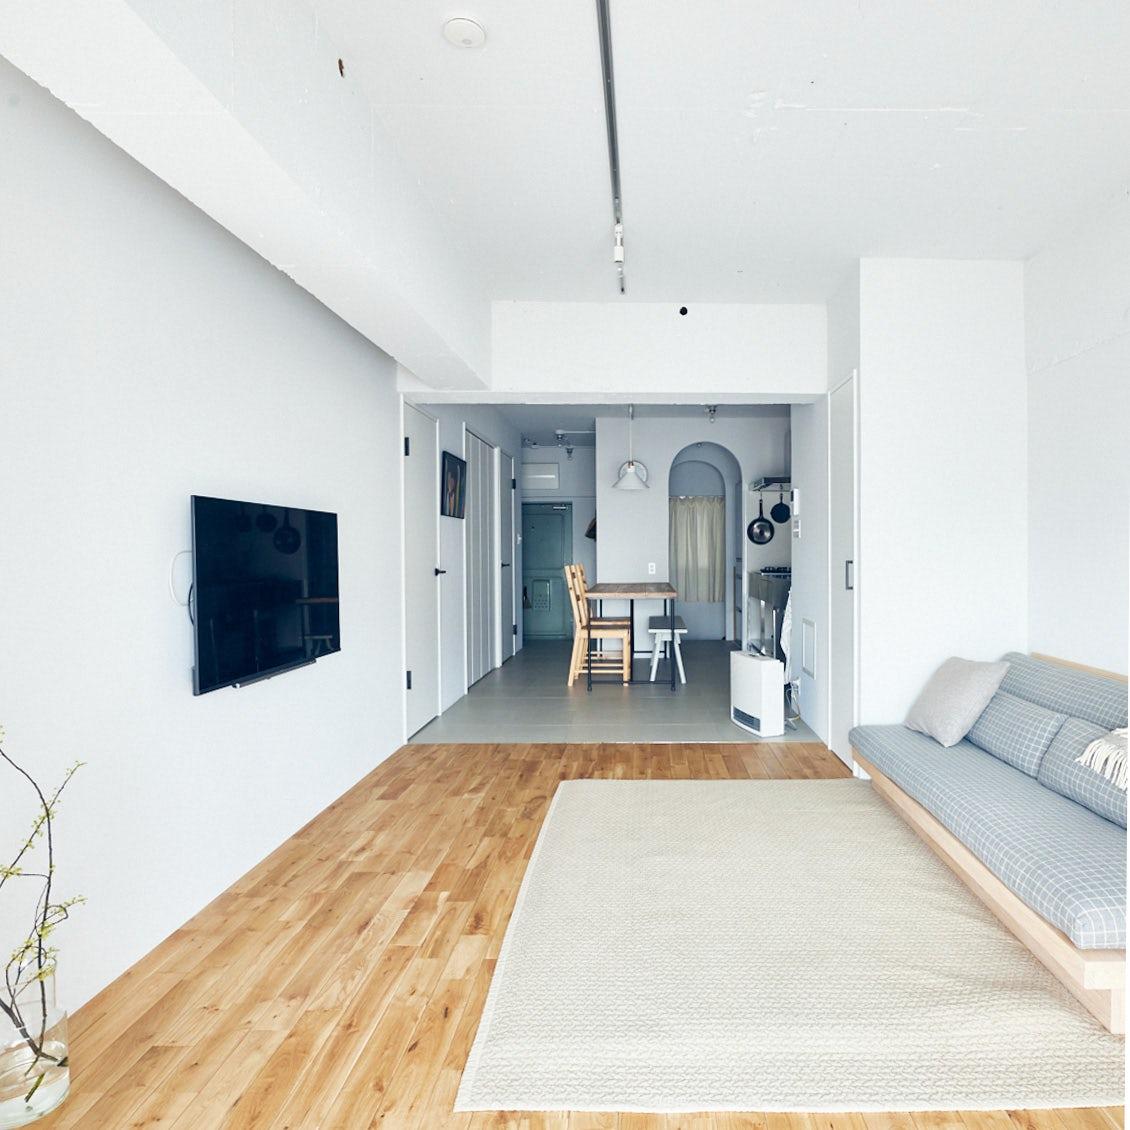 【スタッフのお宅訪問】第1話:築50年のマンションをフルリノベーション。スタッフ野村宅のインテリア